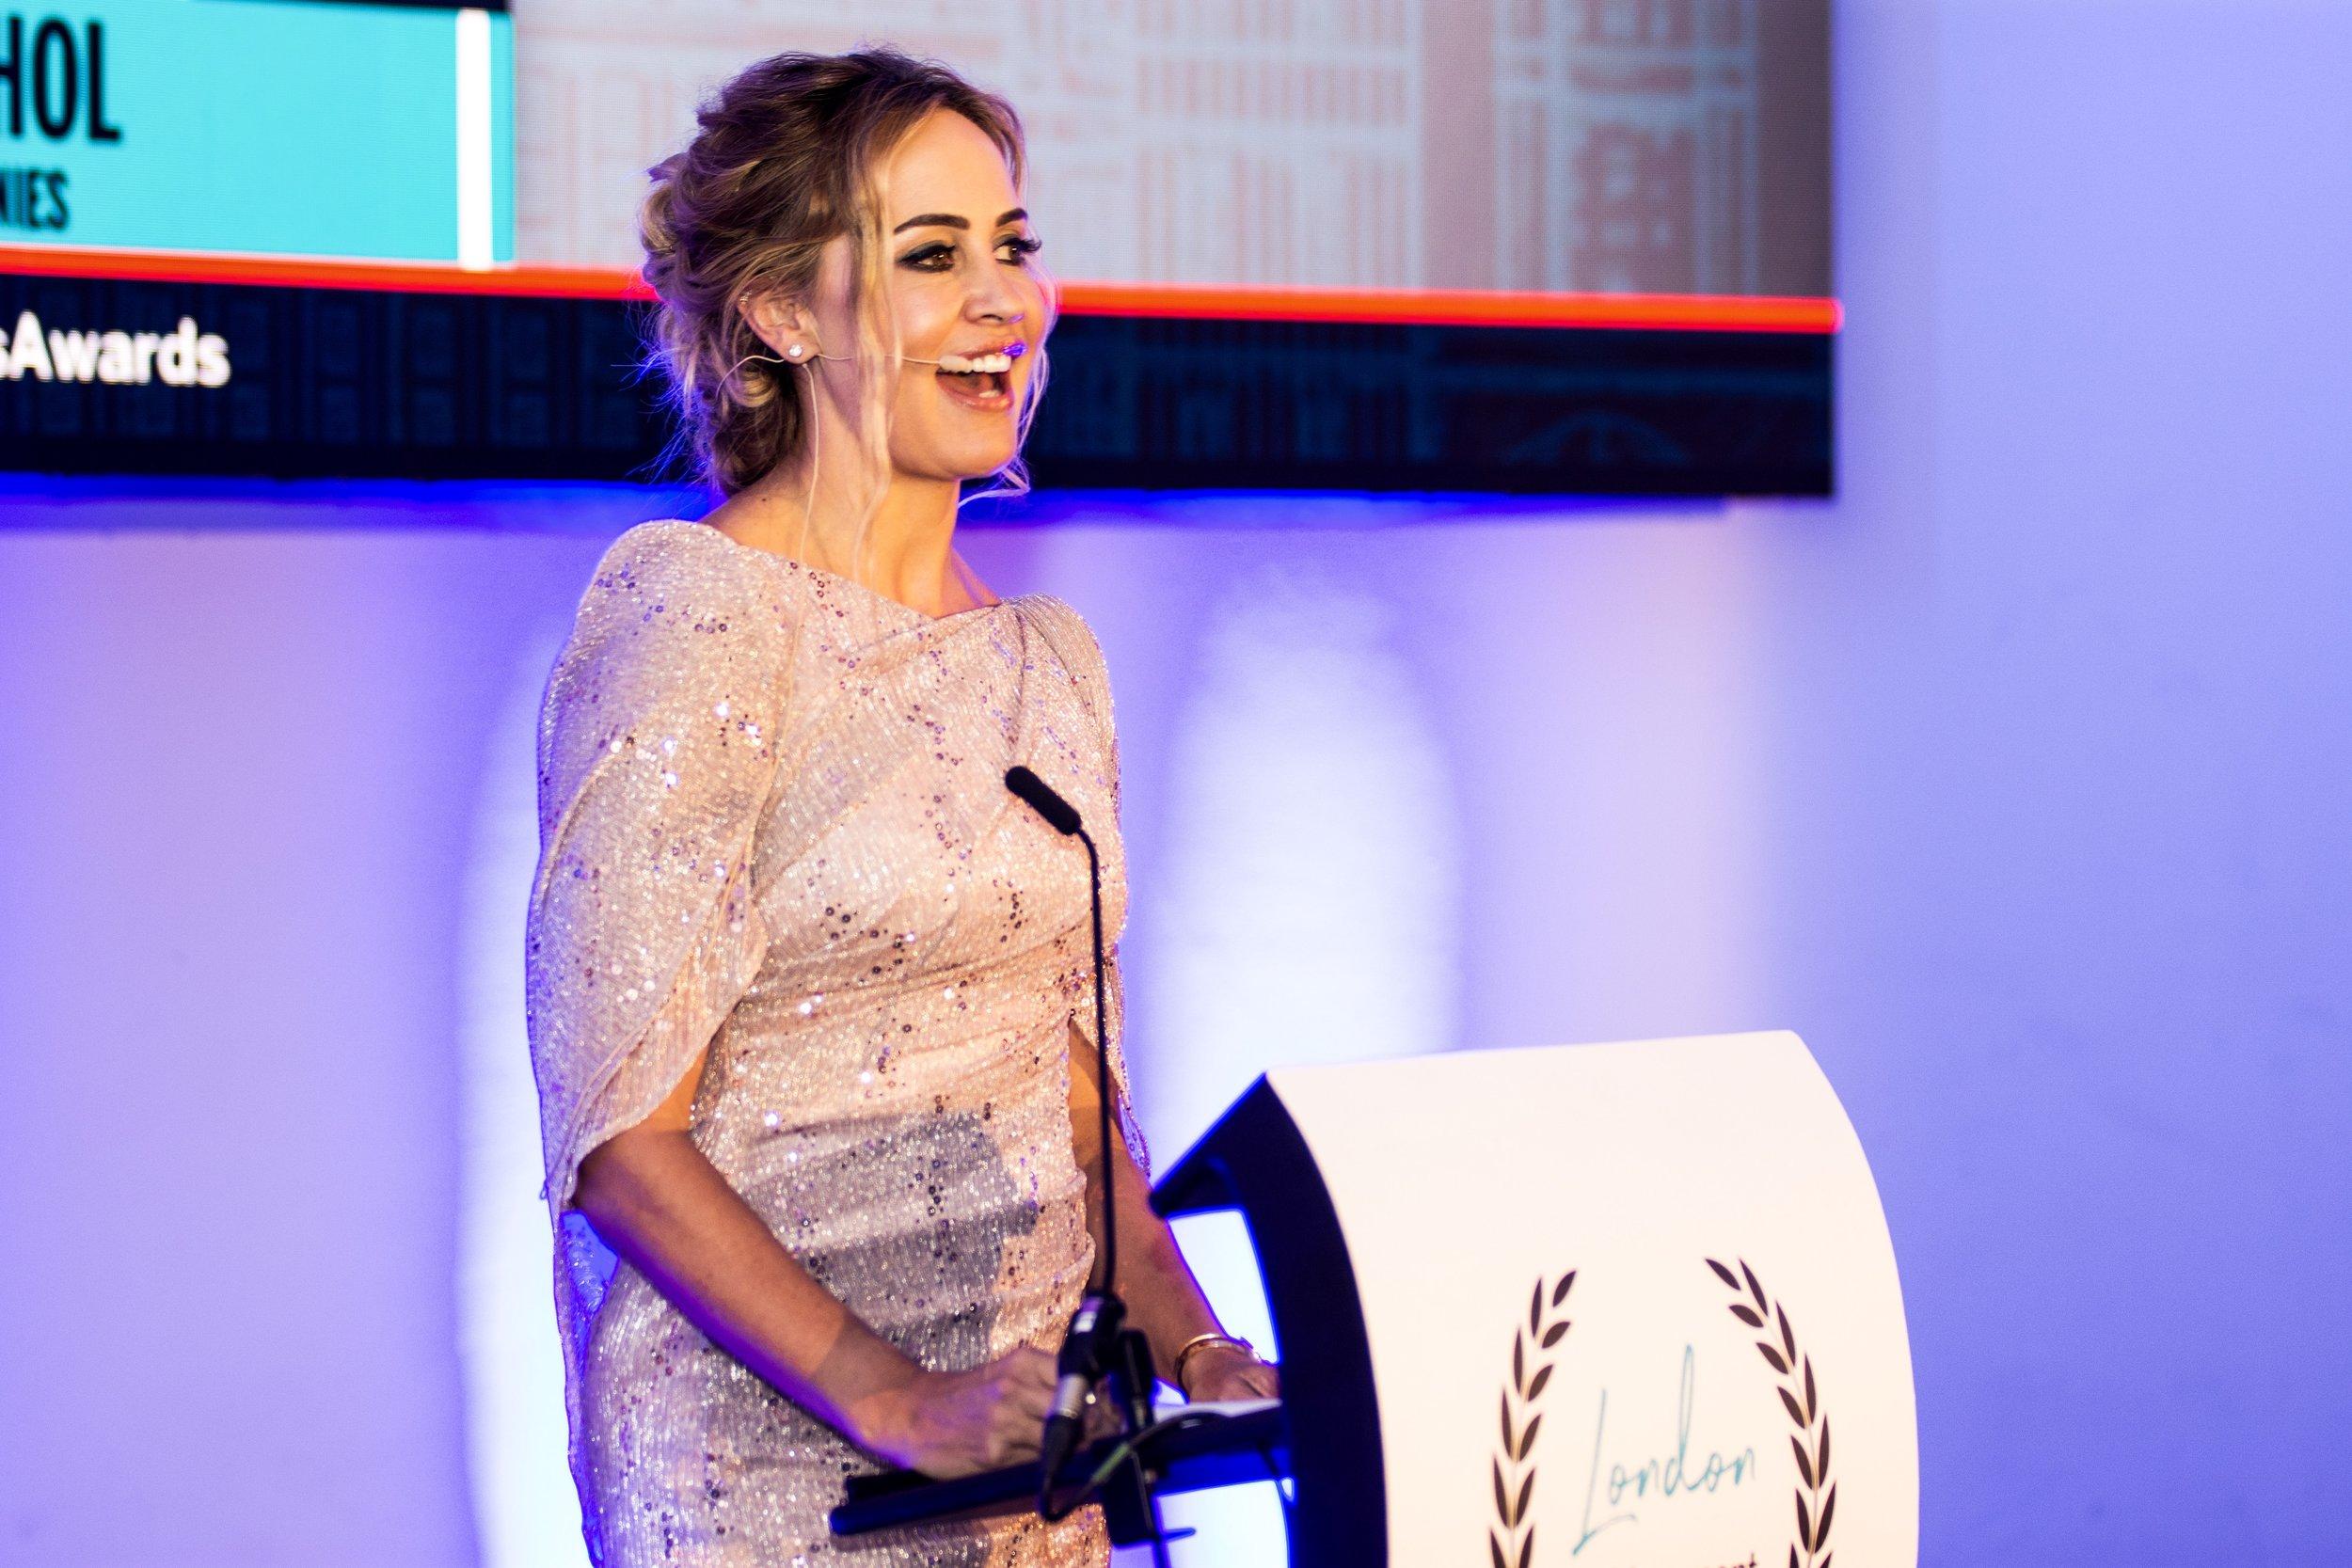 Arabian Business London Awards, MC, June 2019